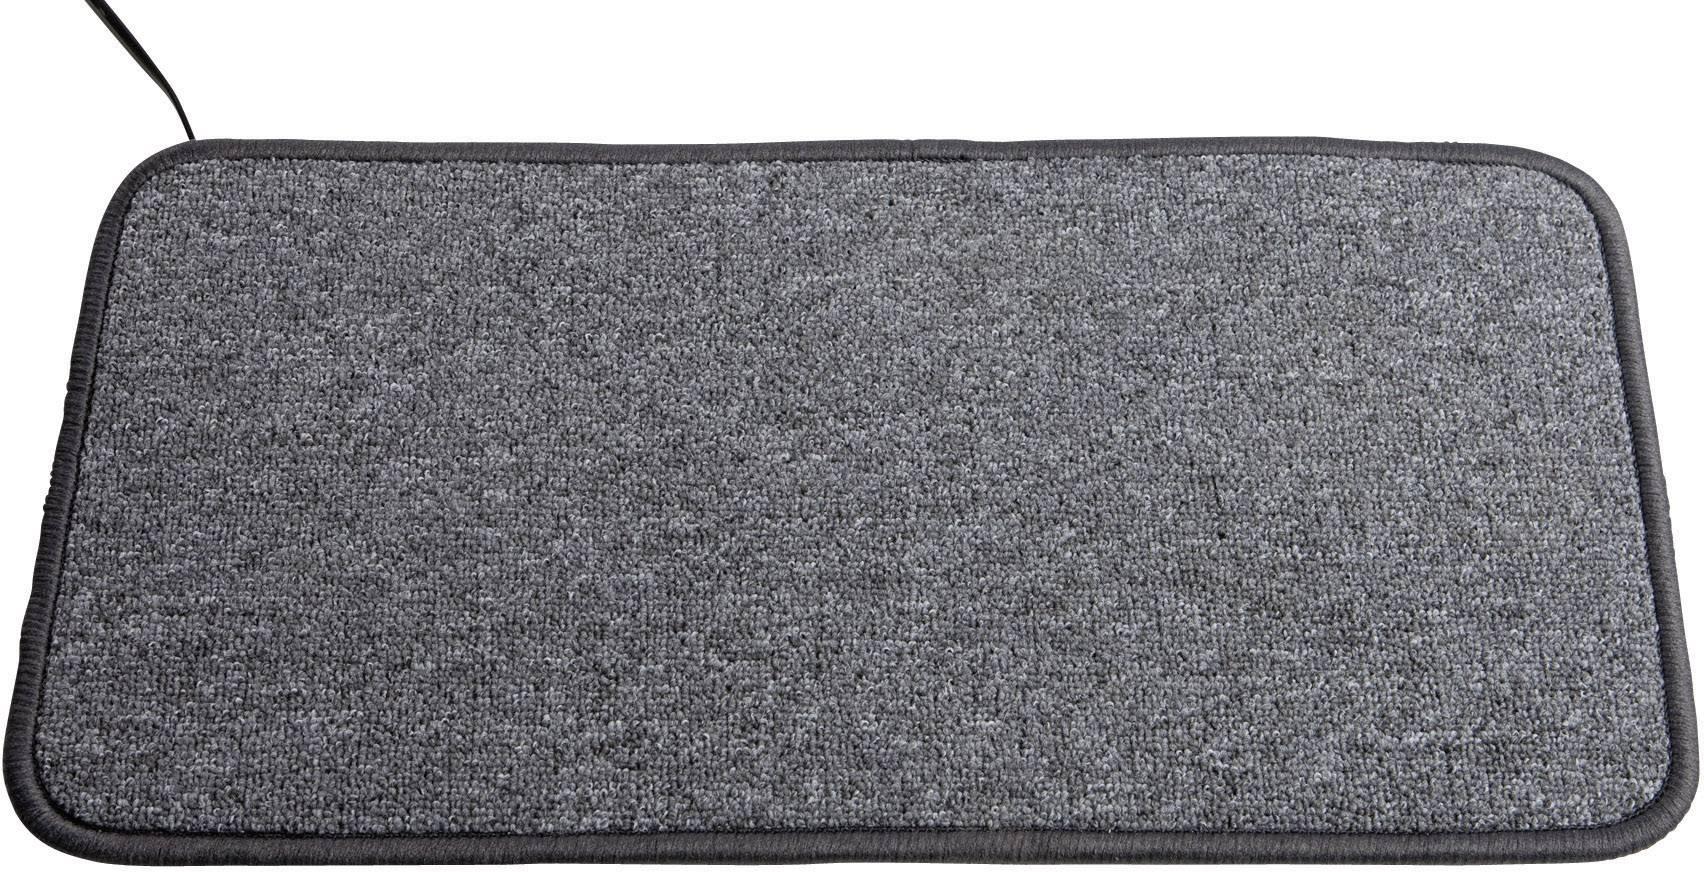 Vyhřívaná rohož pod nohy a pro mazlíčky Arnold Rak FH21054, 150 W, 60 x 90 cm, antracitová